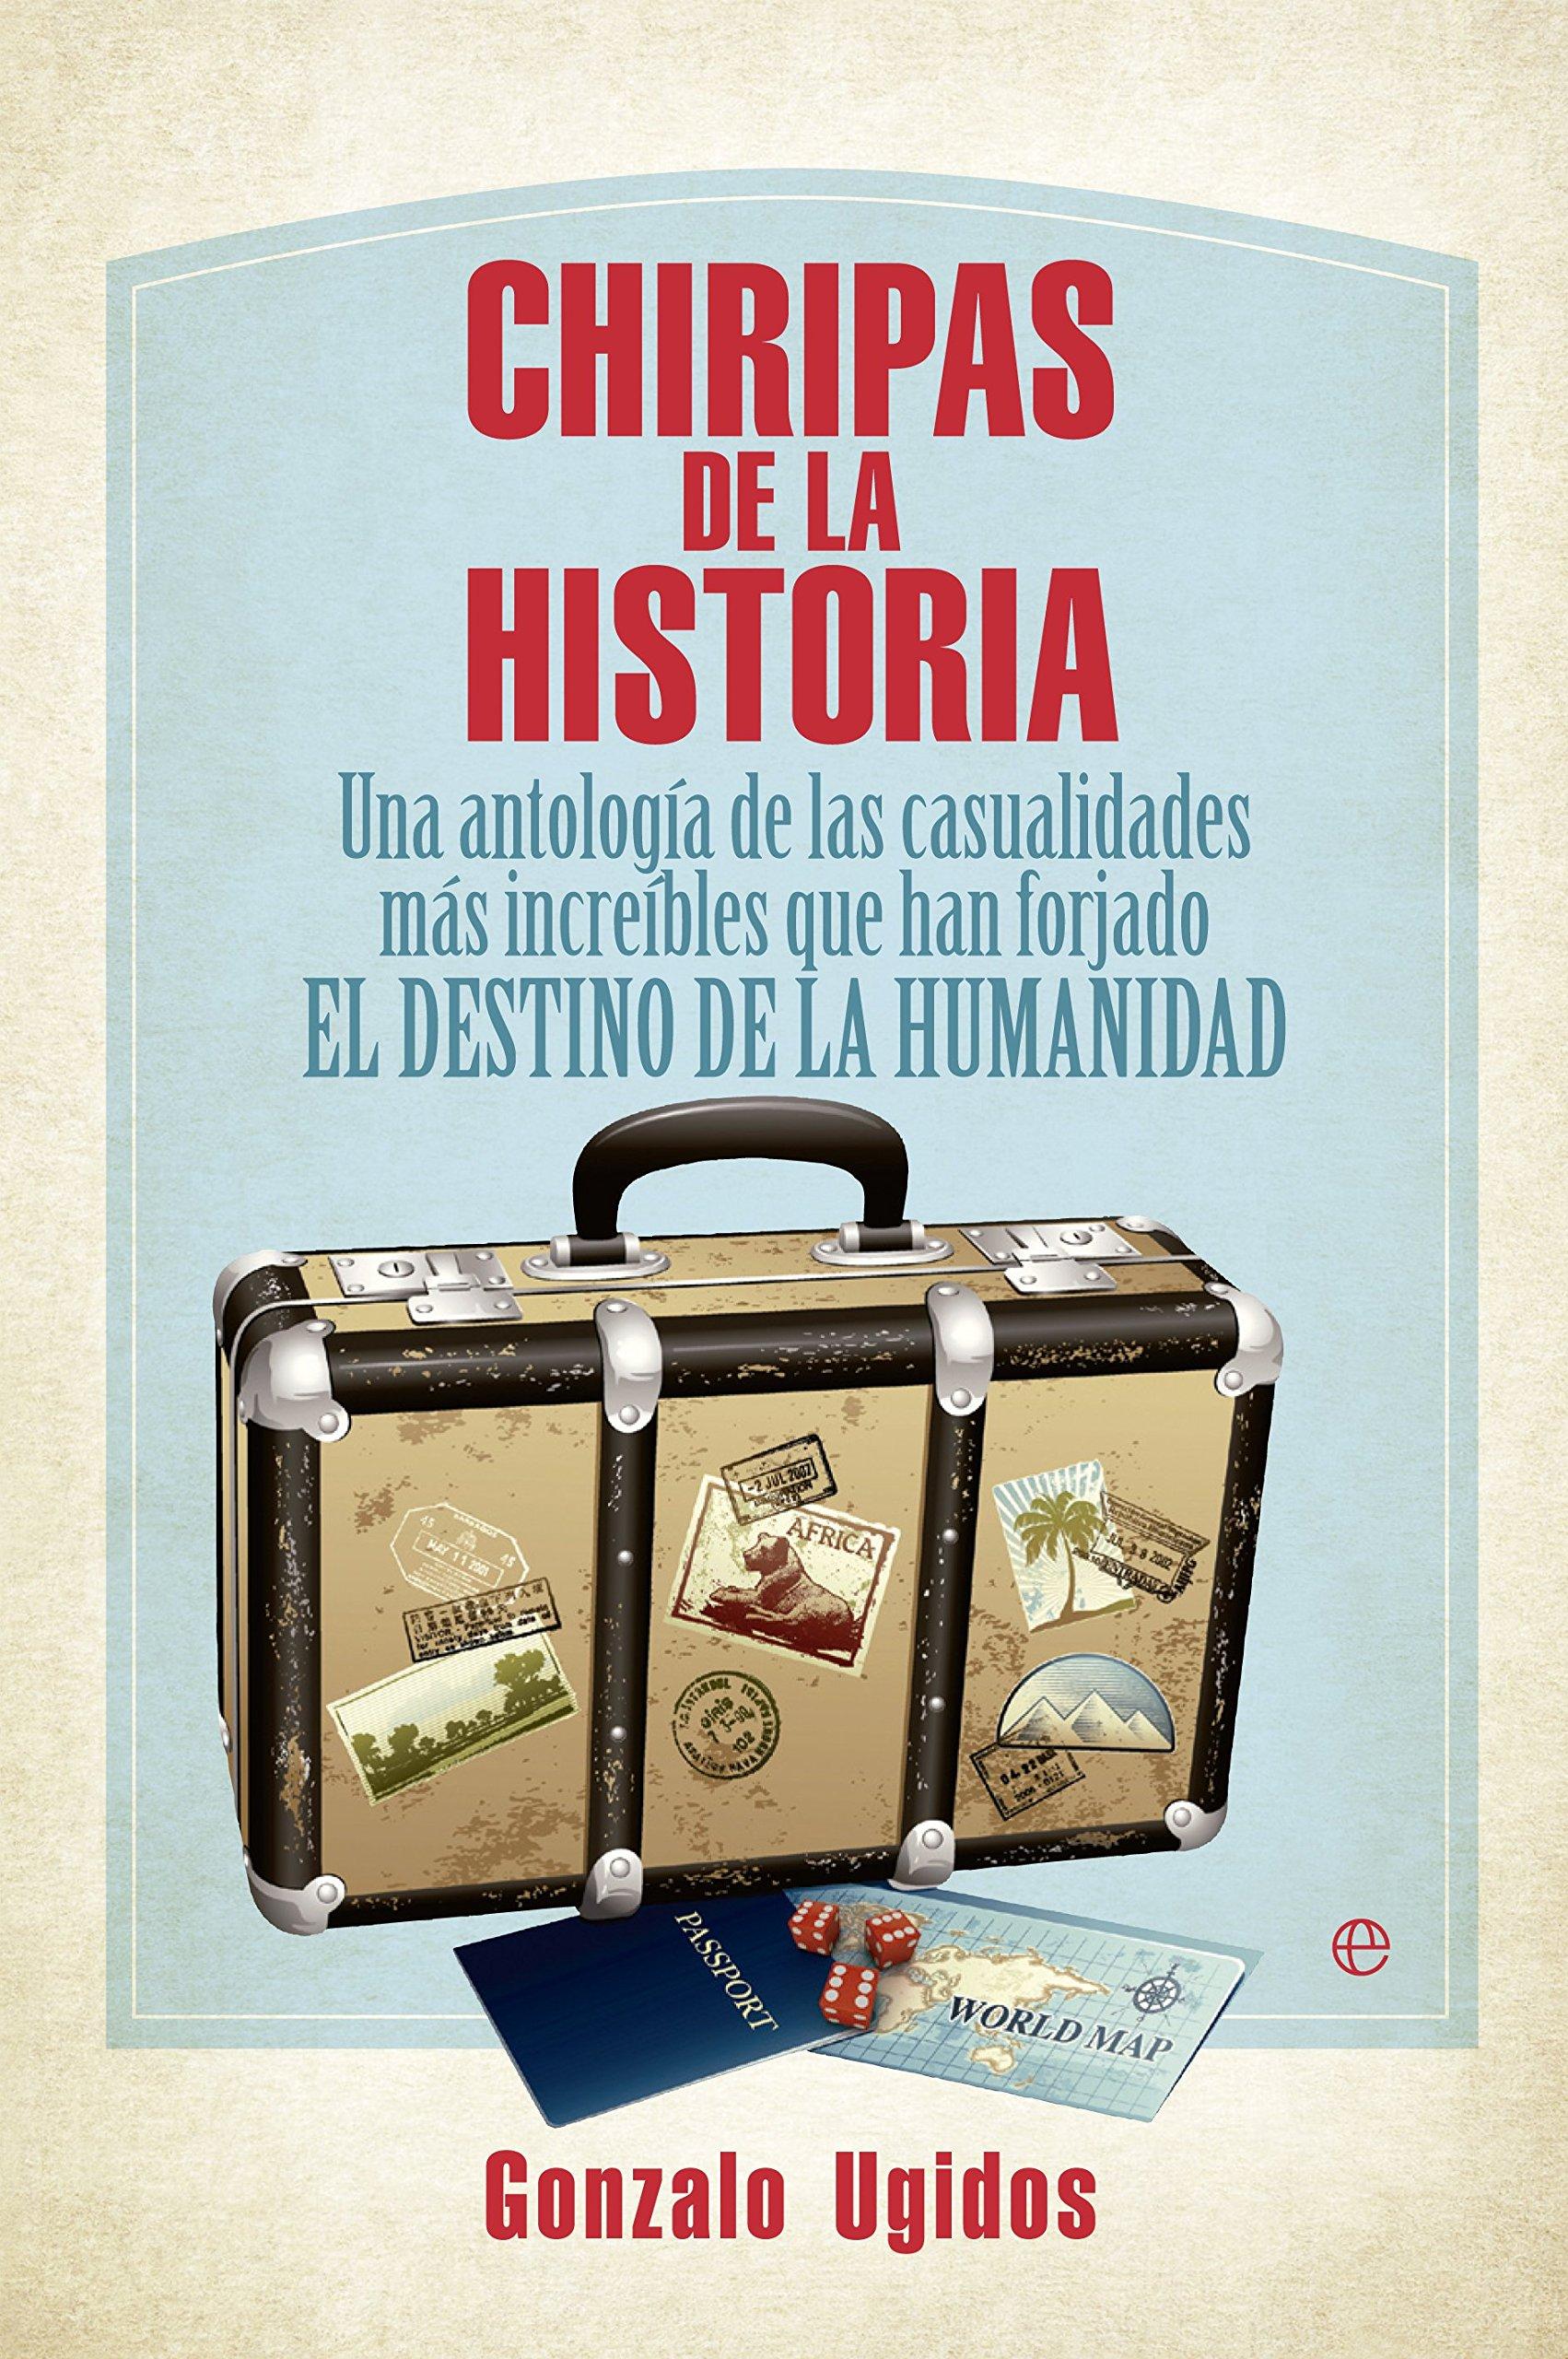 Chiripas de la historia: una antología de las casualidades más increíbles que han forjado el destino de la humanidad (Spanish) Paperback – 2013